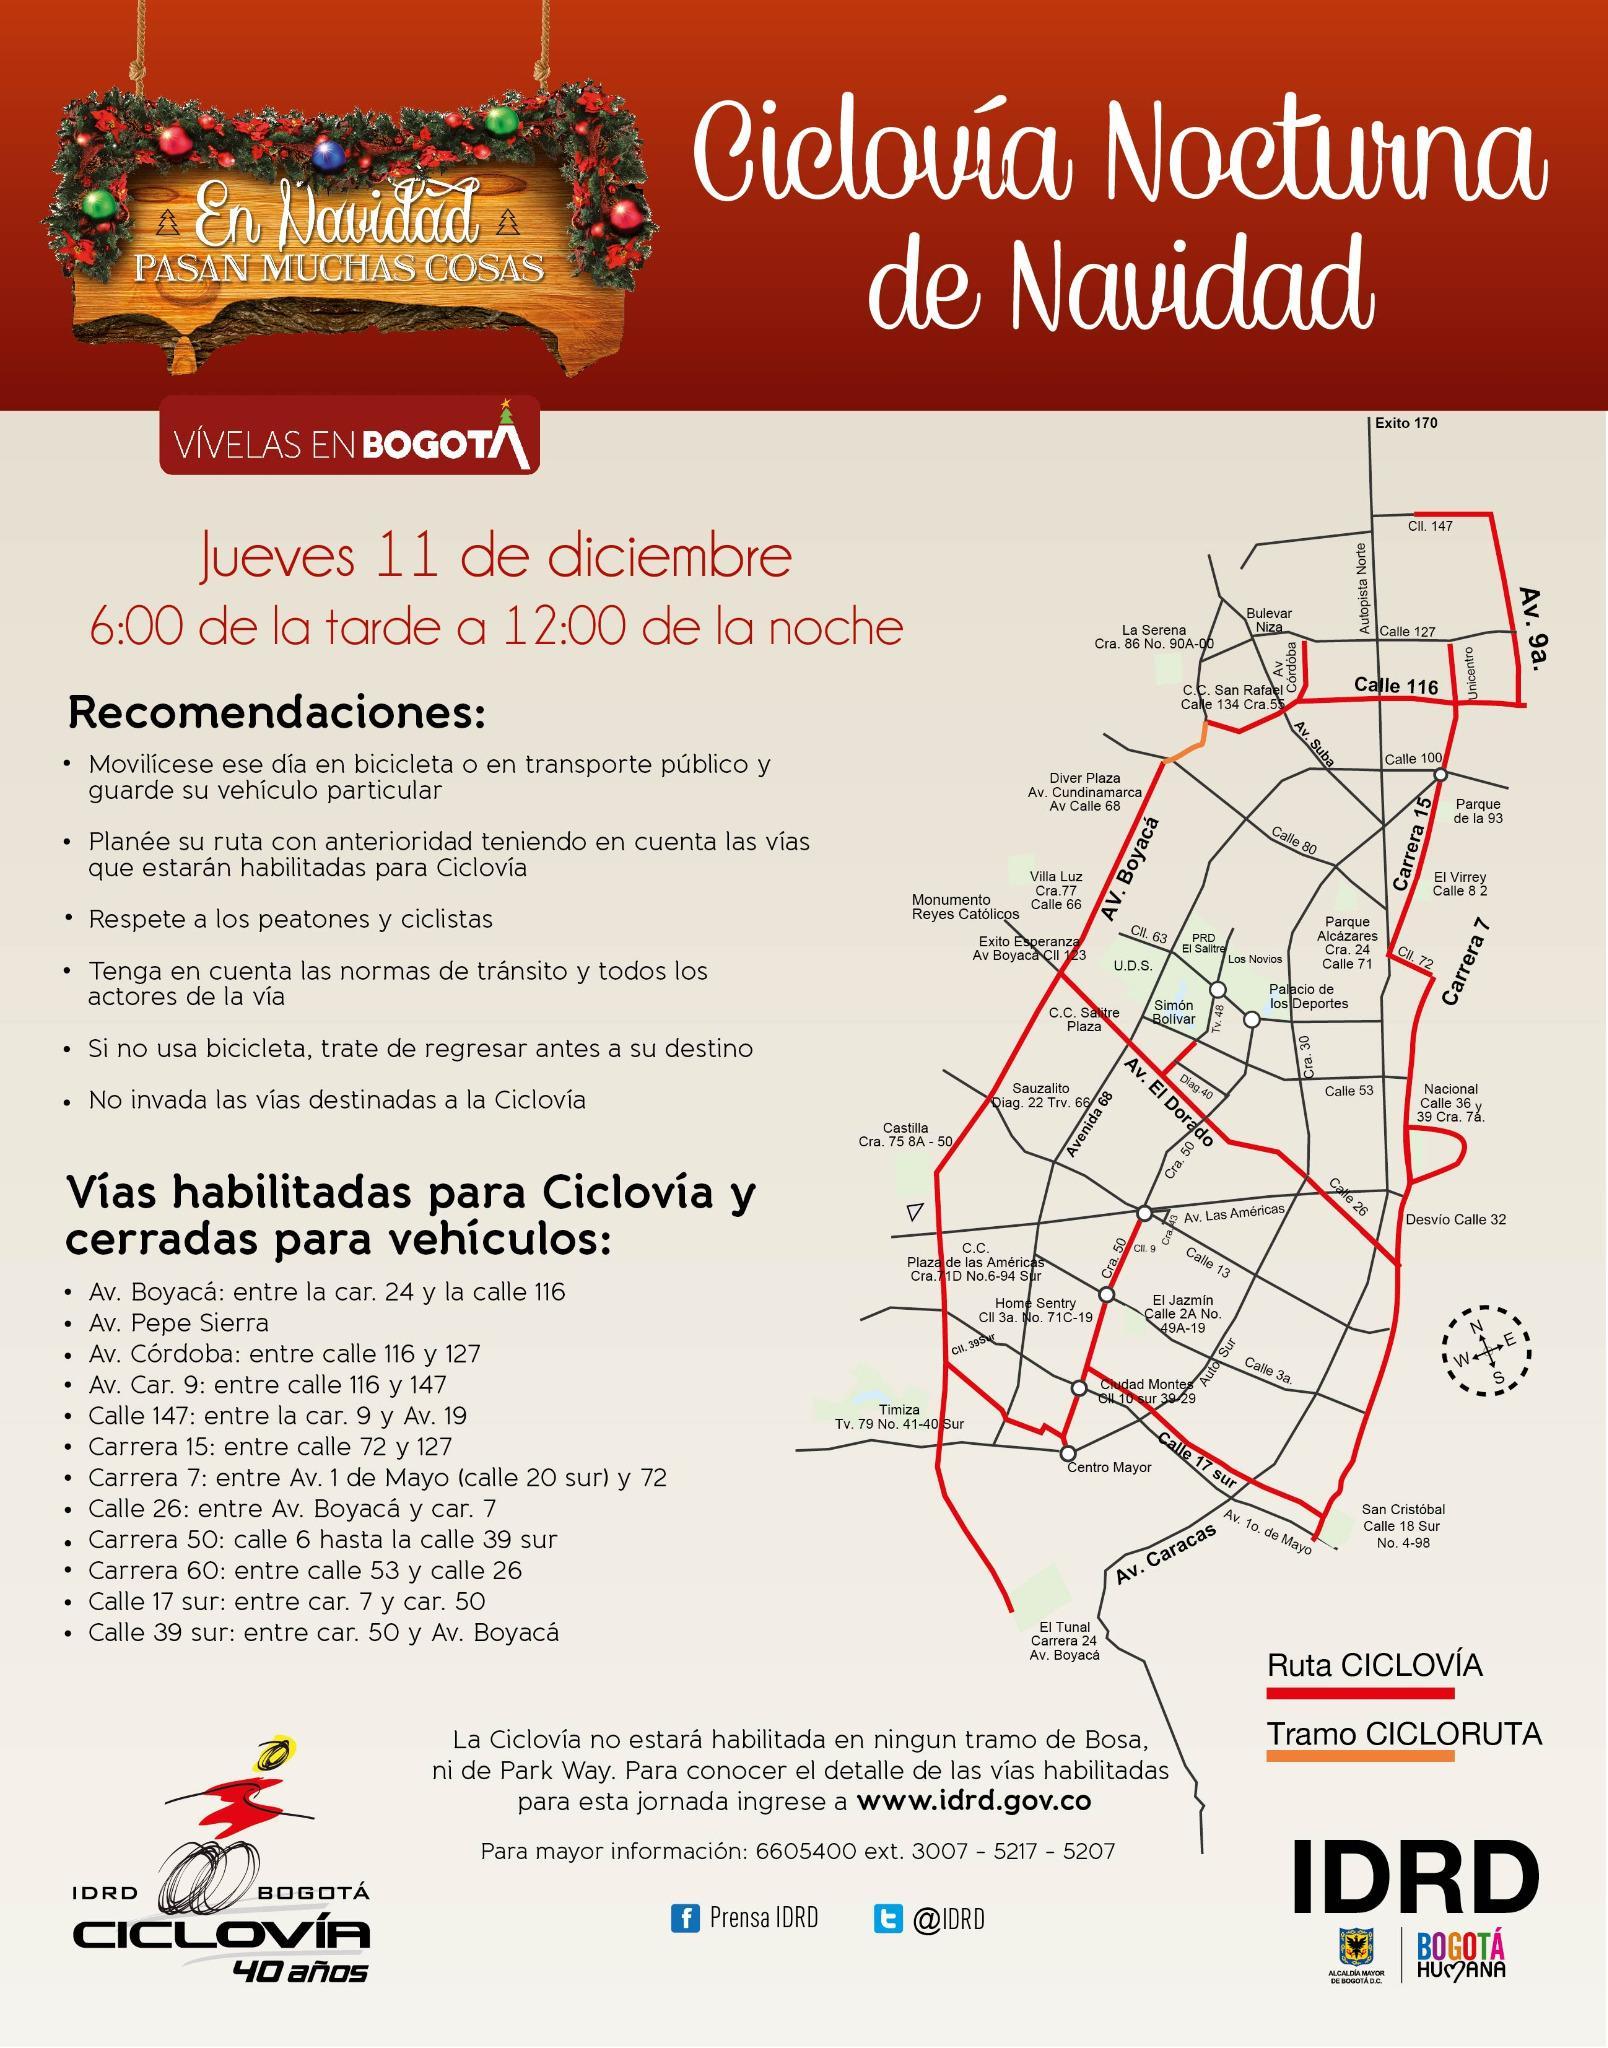 Ciclovia nocturna próximo jueves 11 de Diciembre. cc @CicloviaBogota @IDRD. http://t.co/8EDKcxm5vB #NavidadHumana http://t.co/04uVs4hsma